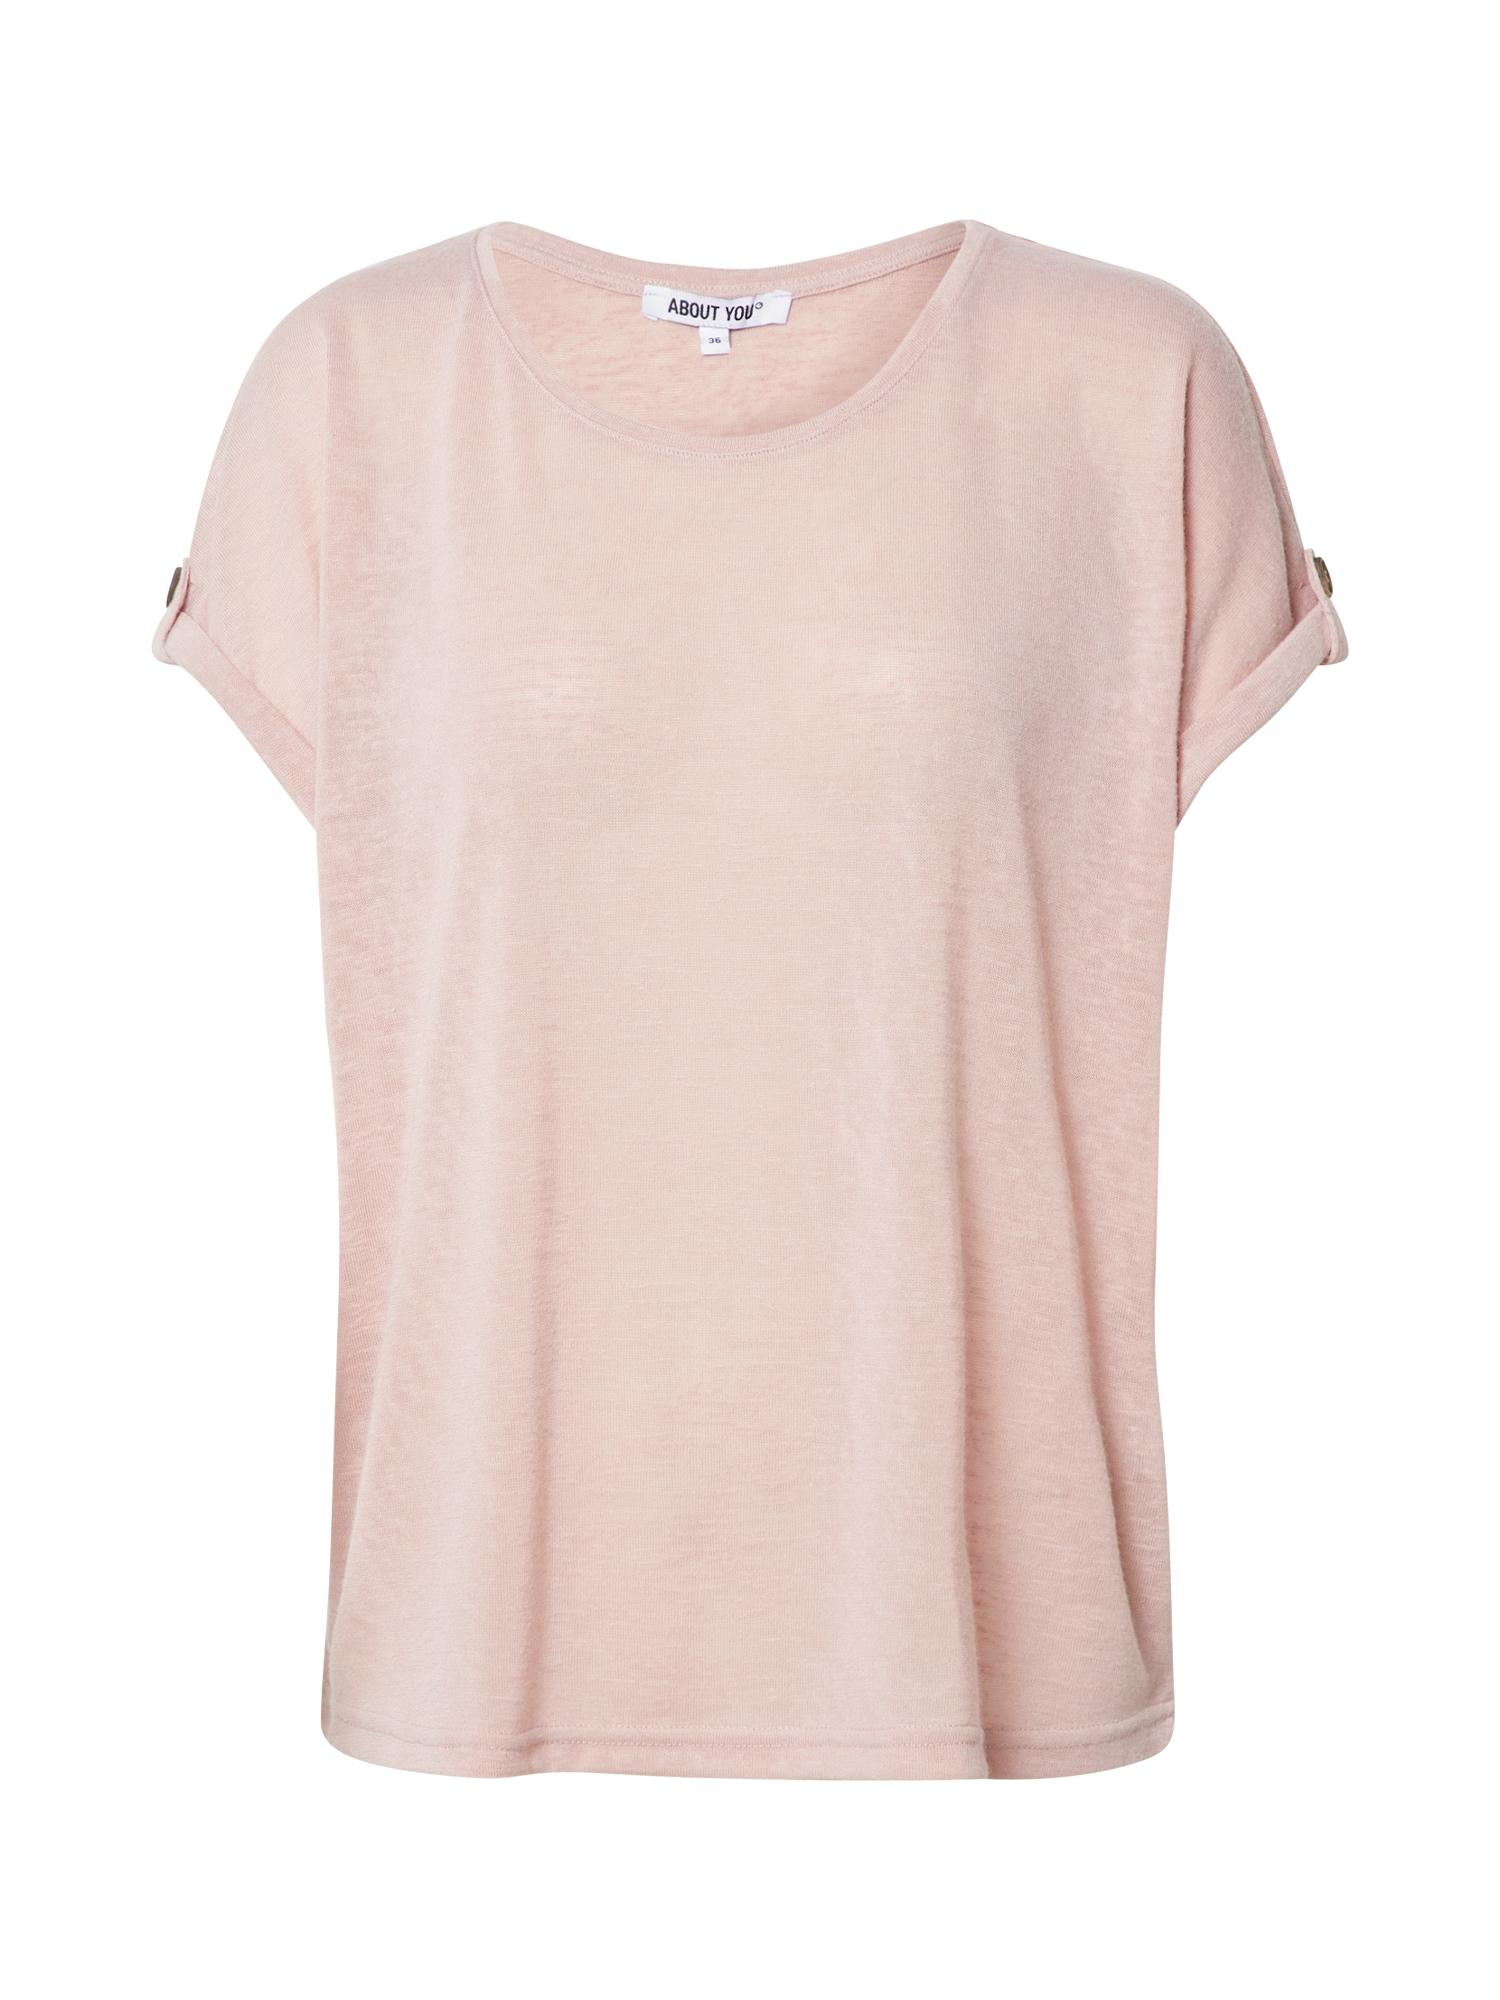 ABOUT YOU Marškinėliai 'Kaili' rožinė / rožių spalva